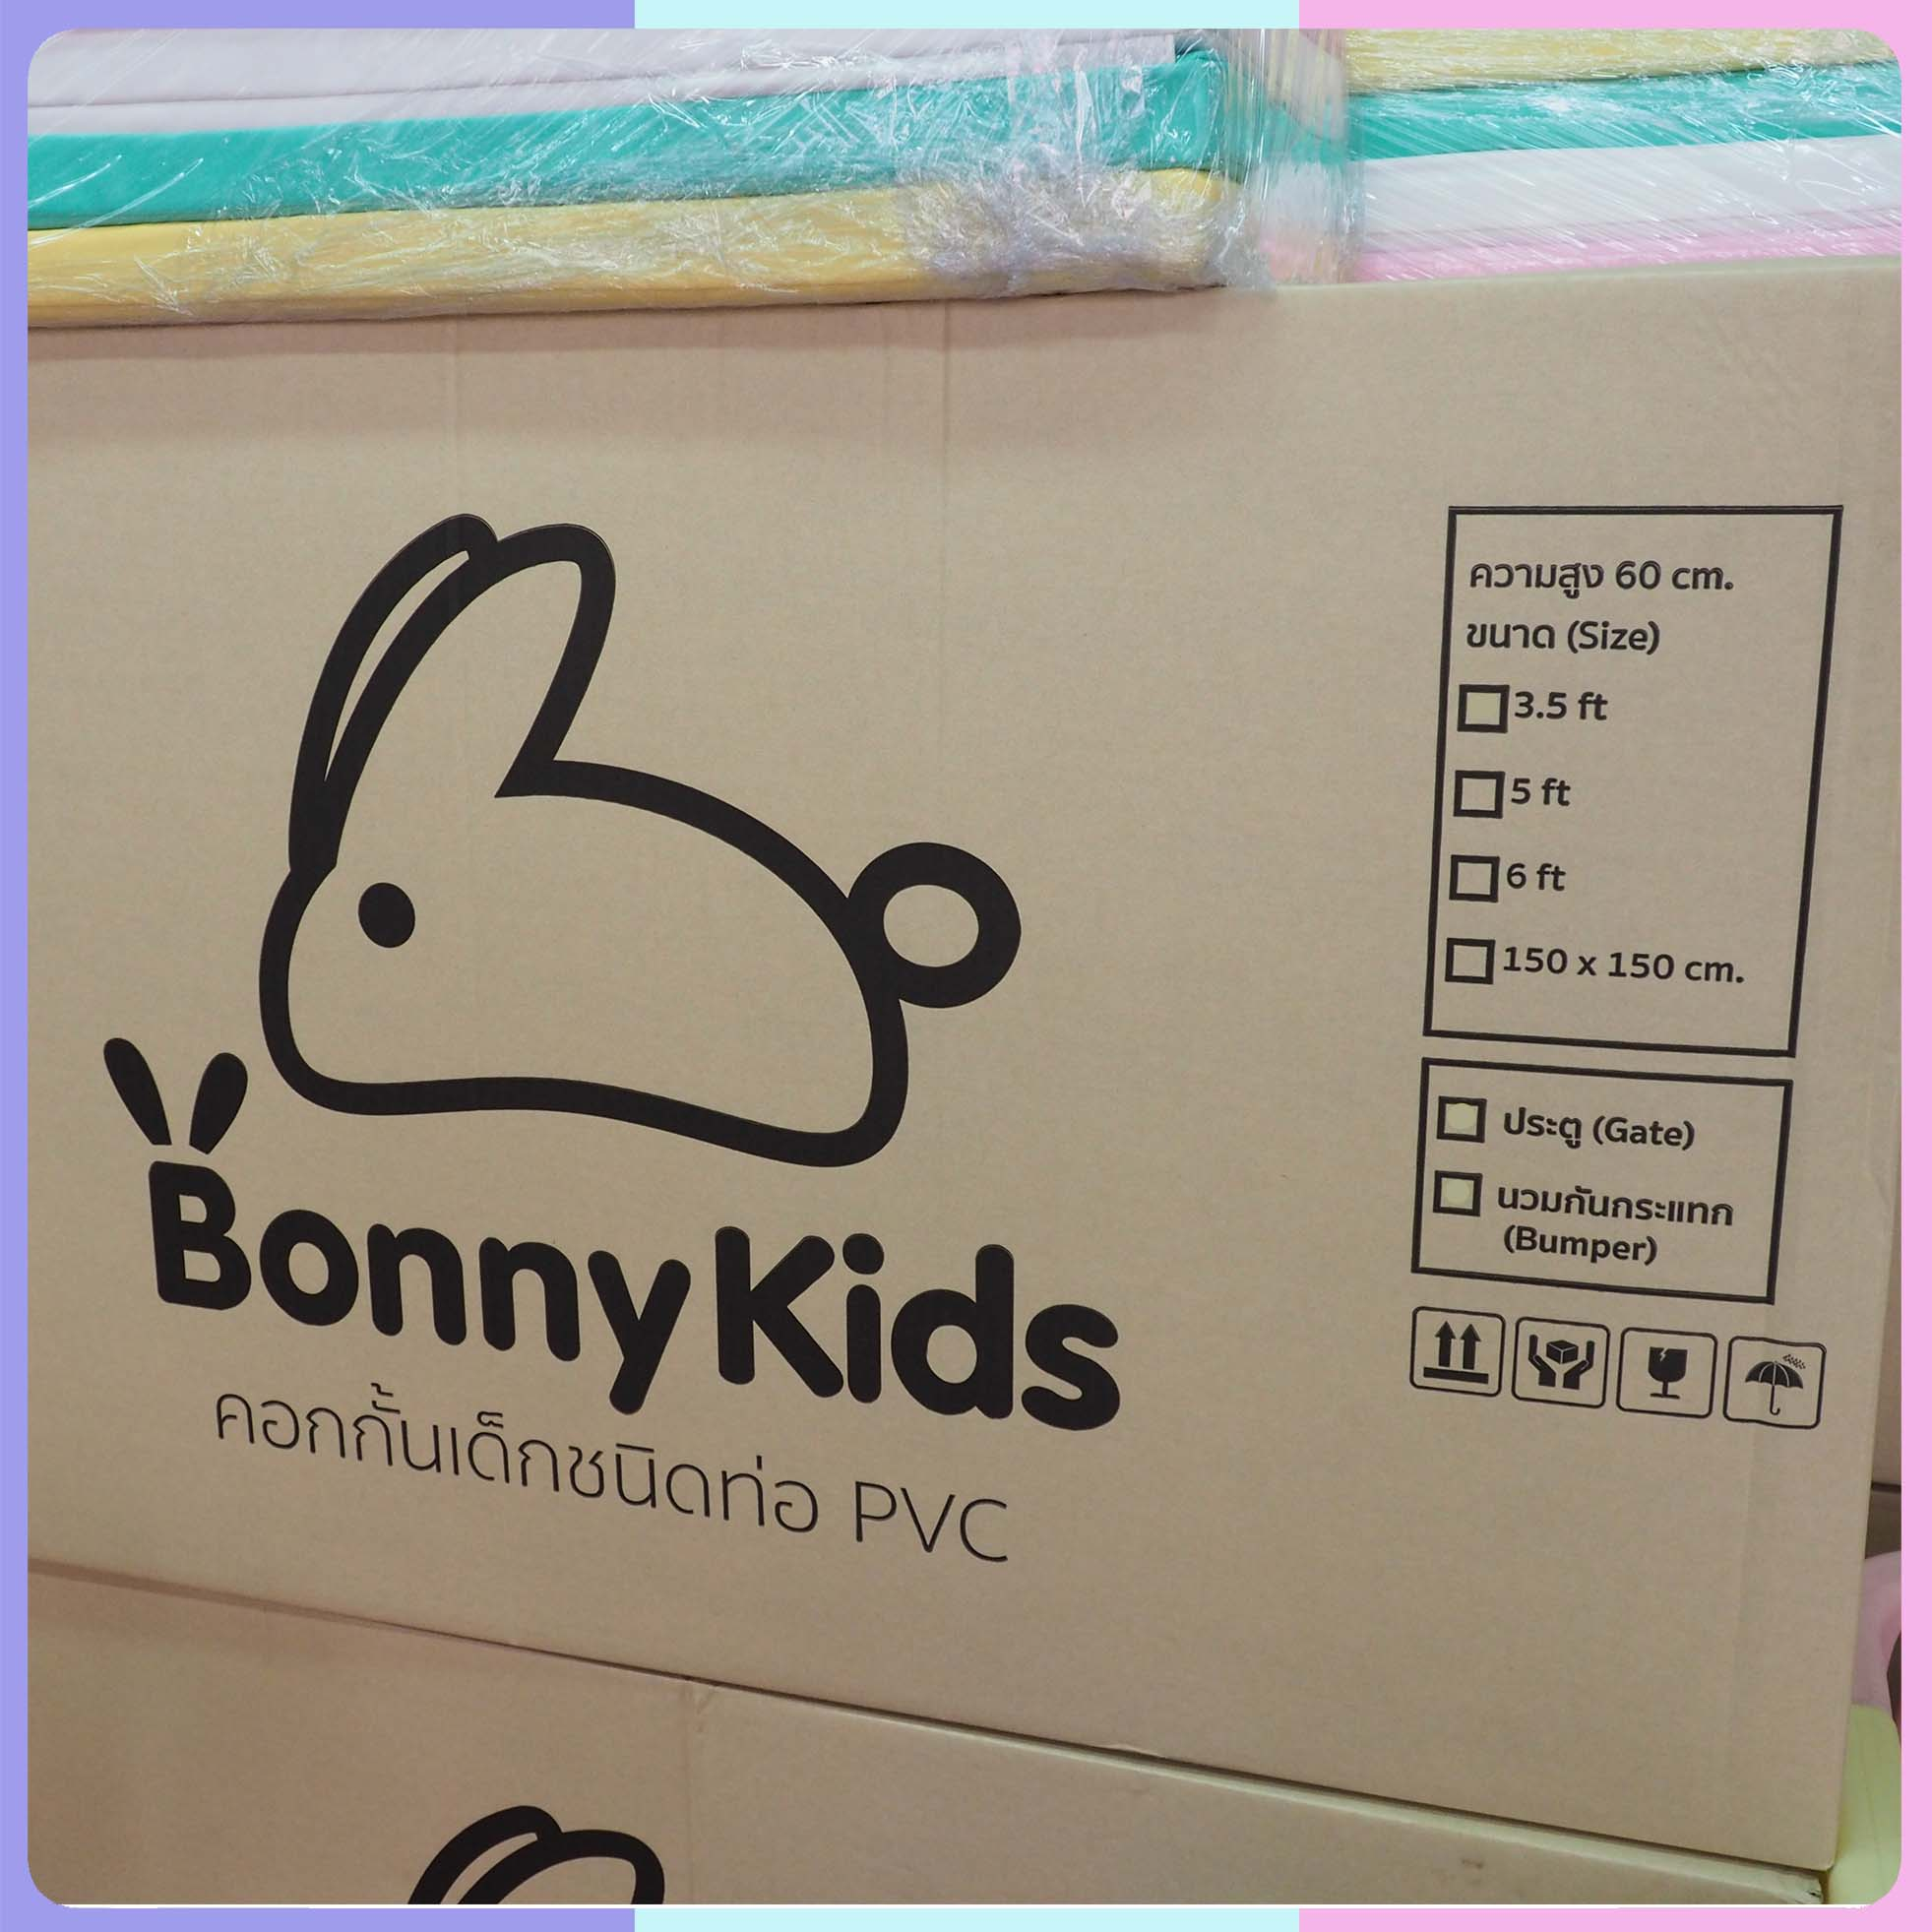 คอกกั้นเด็ก PVC ขนาด 3.5 ft พร้อมประตู ไม่หุ้มนวม